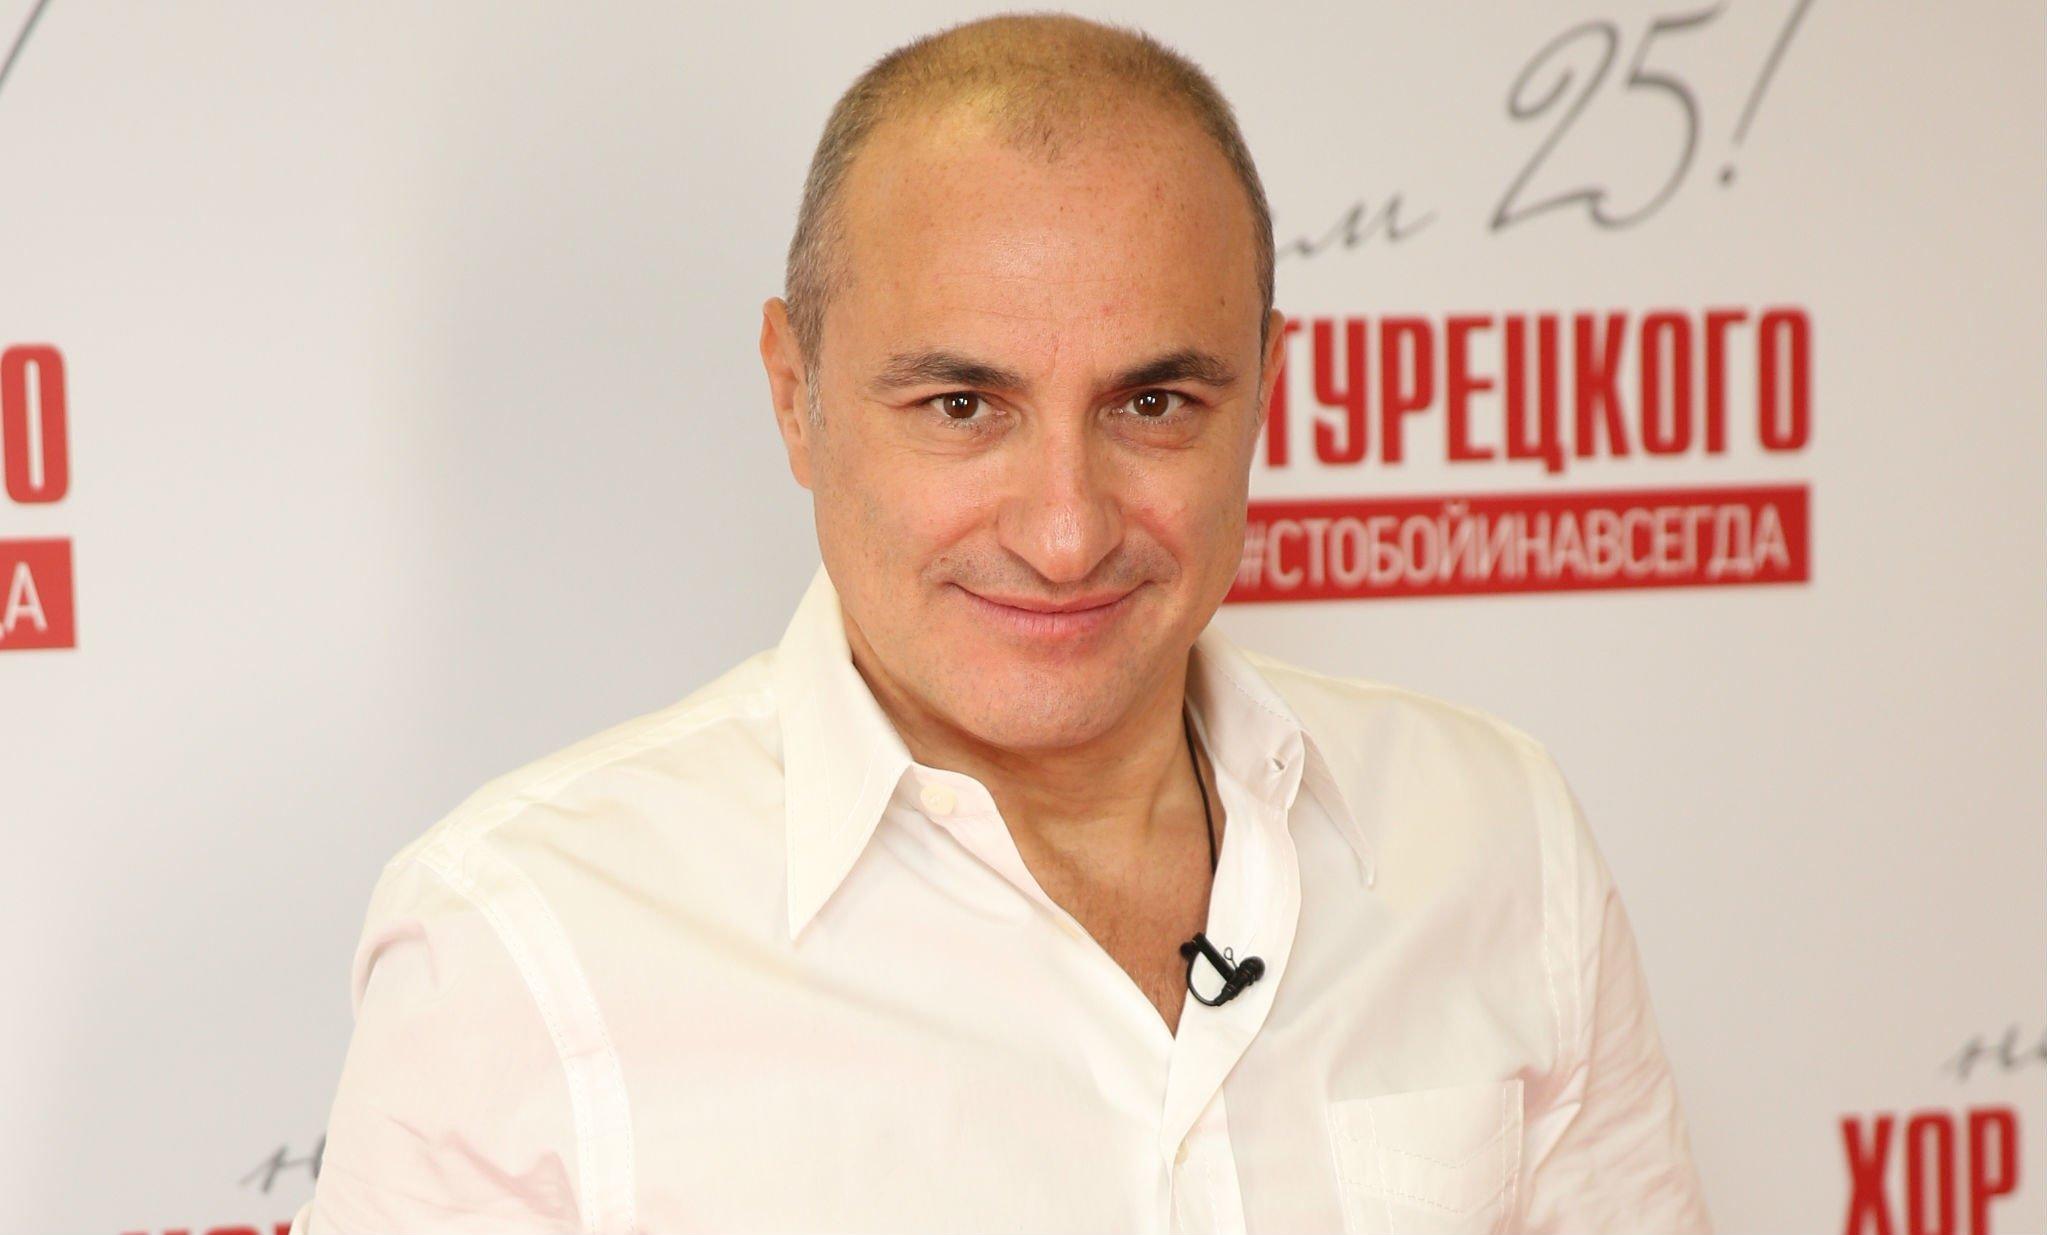 Михаил Борисович Турецкий - дирижёр, певец, основатель и продюсер арт-группы «Хор Турецкого» и « SOPRANO Турецкого»